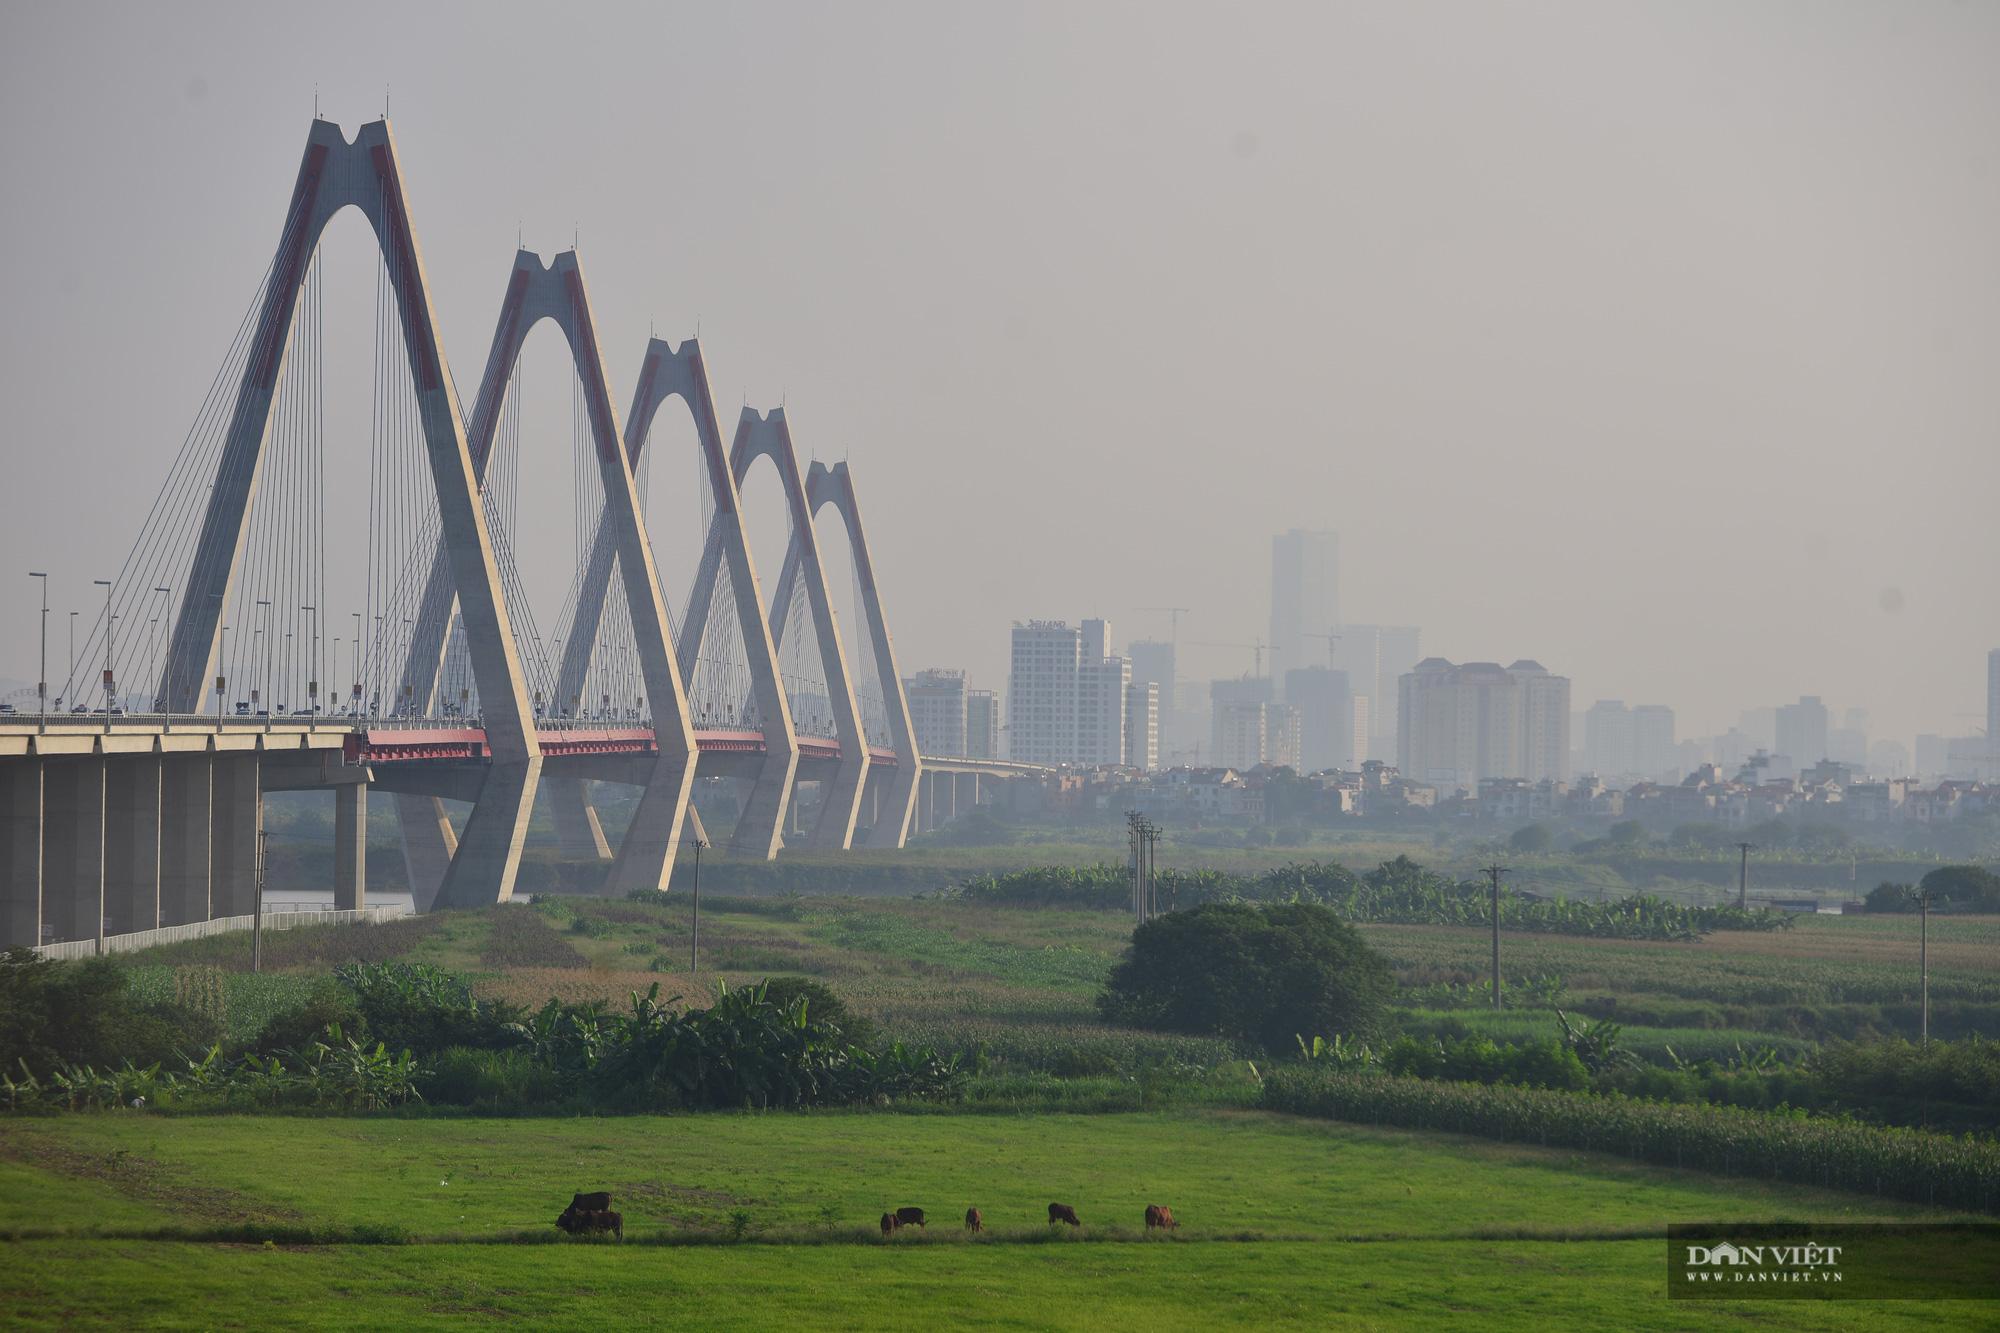 Loạt cây cầu làm thay đổi diện mạo giao thông Thủ đô trong nhiều năm qua - Ảnh 12.